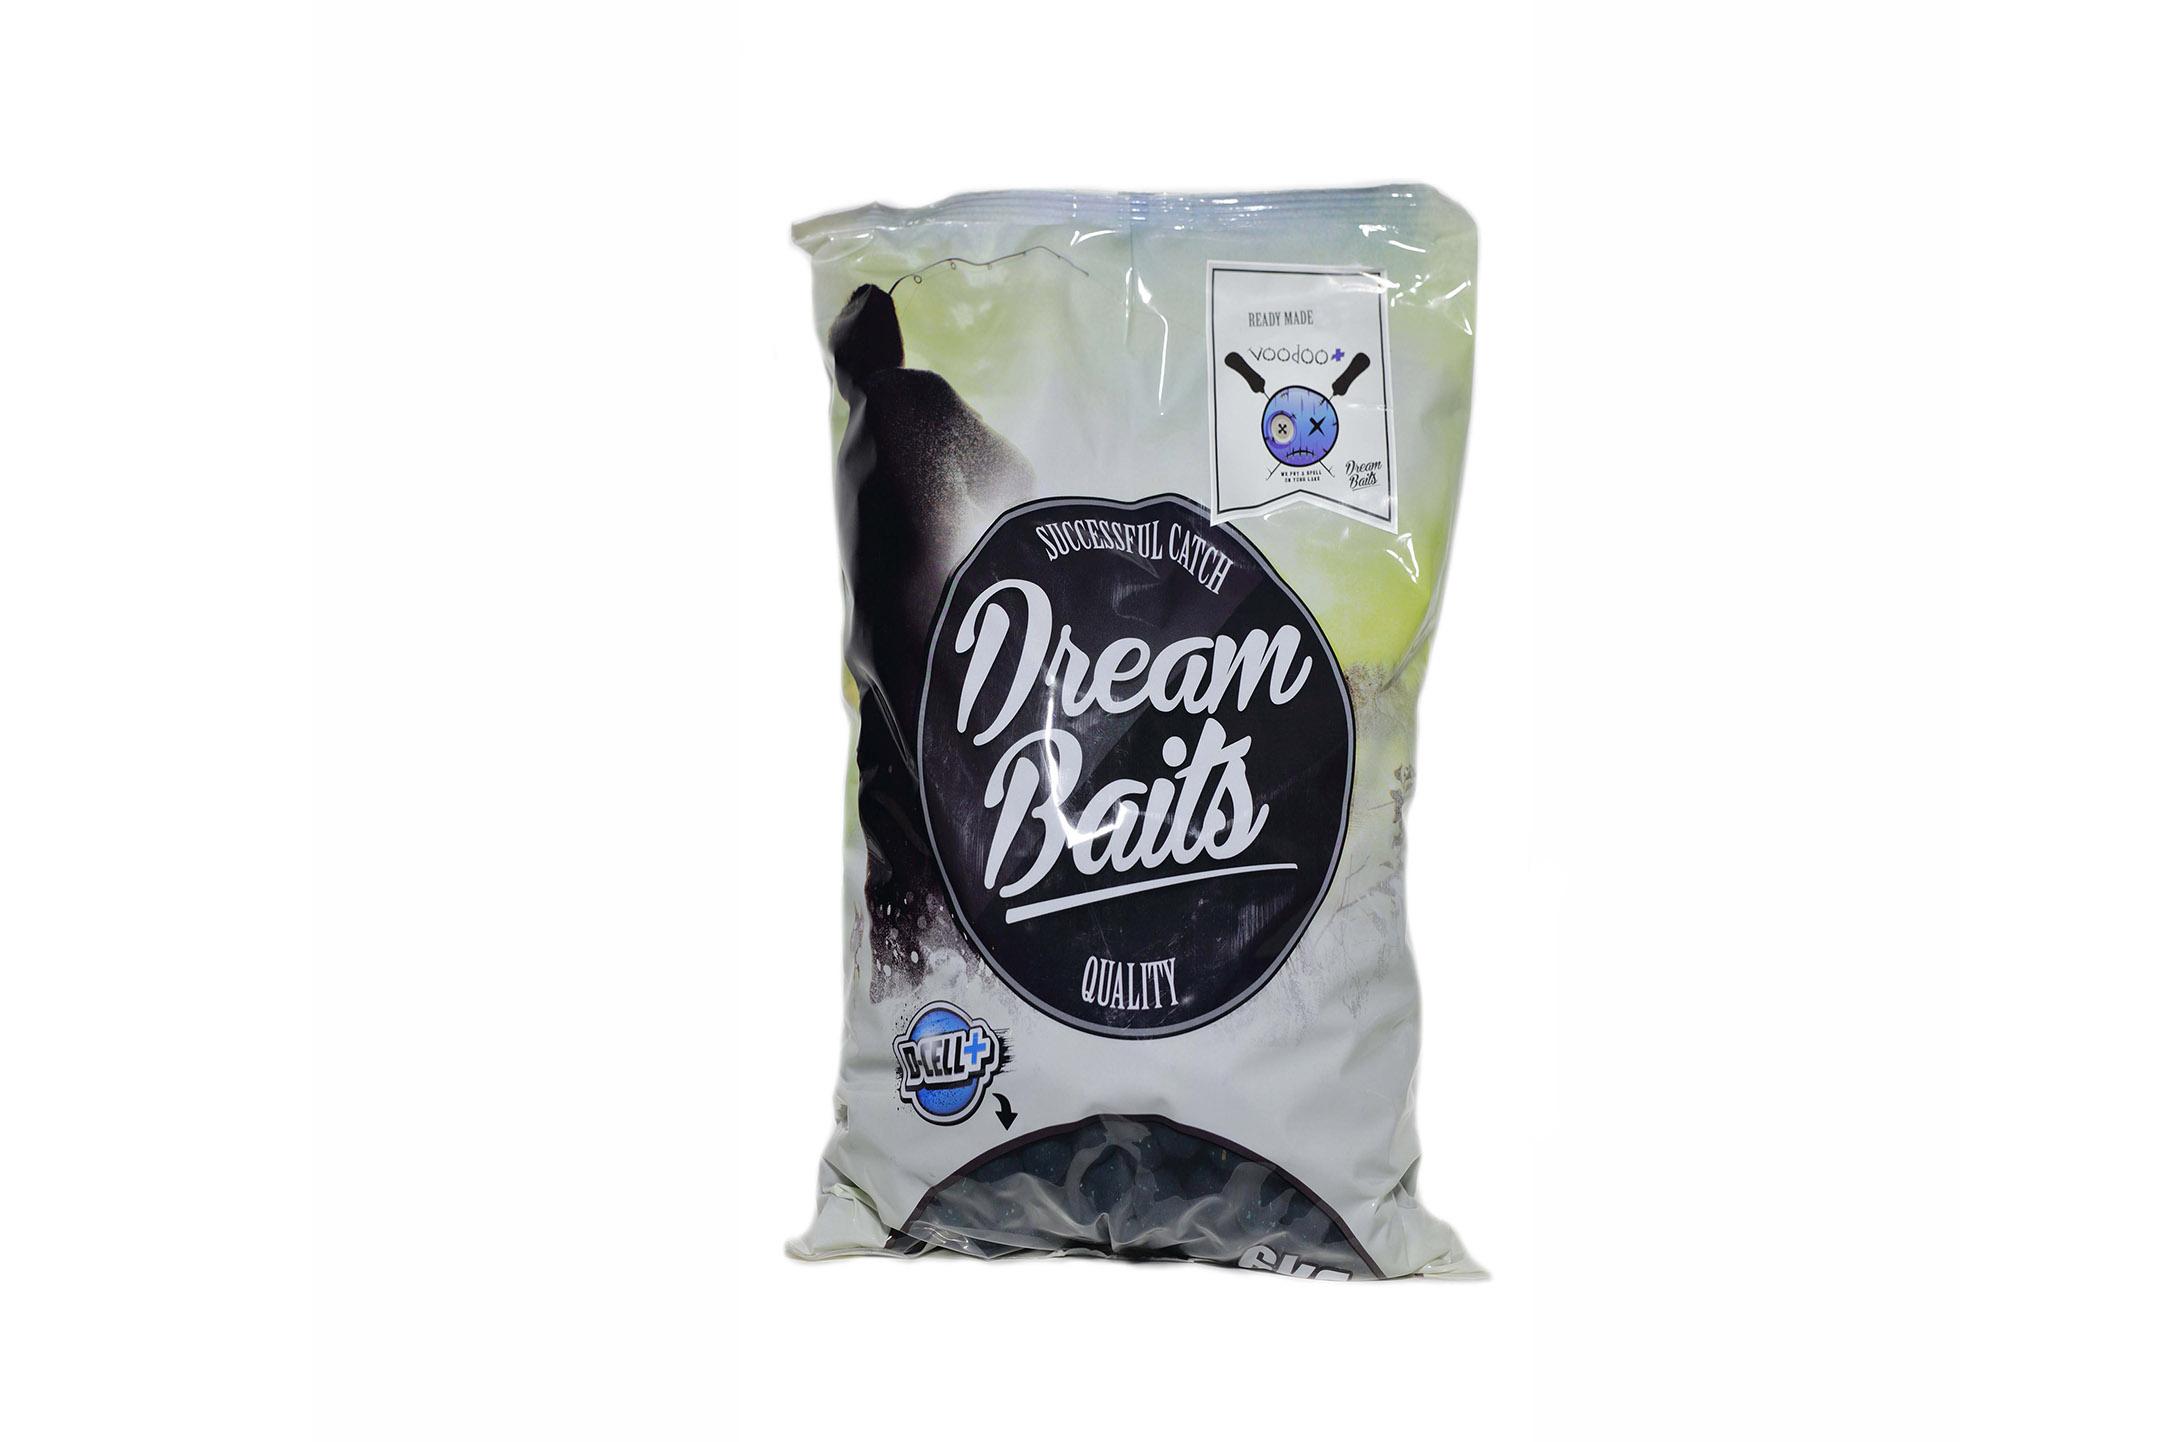 Dreambaits Voodoo+ Pellets 8mm 1kg